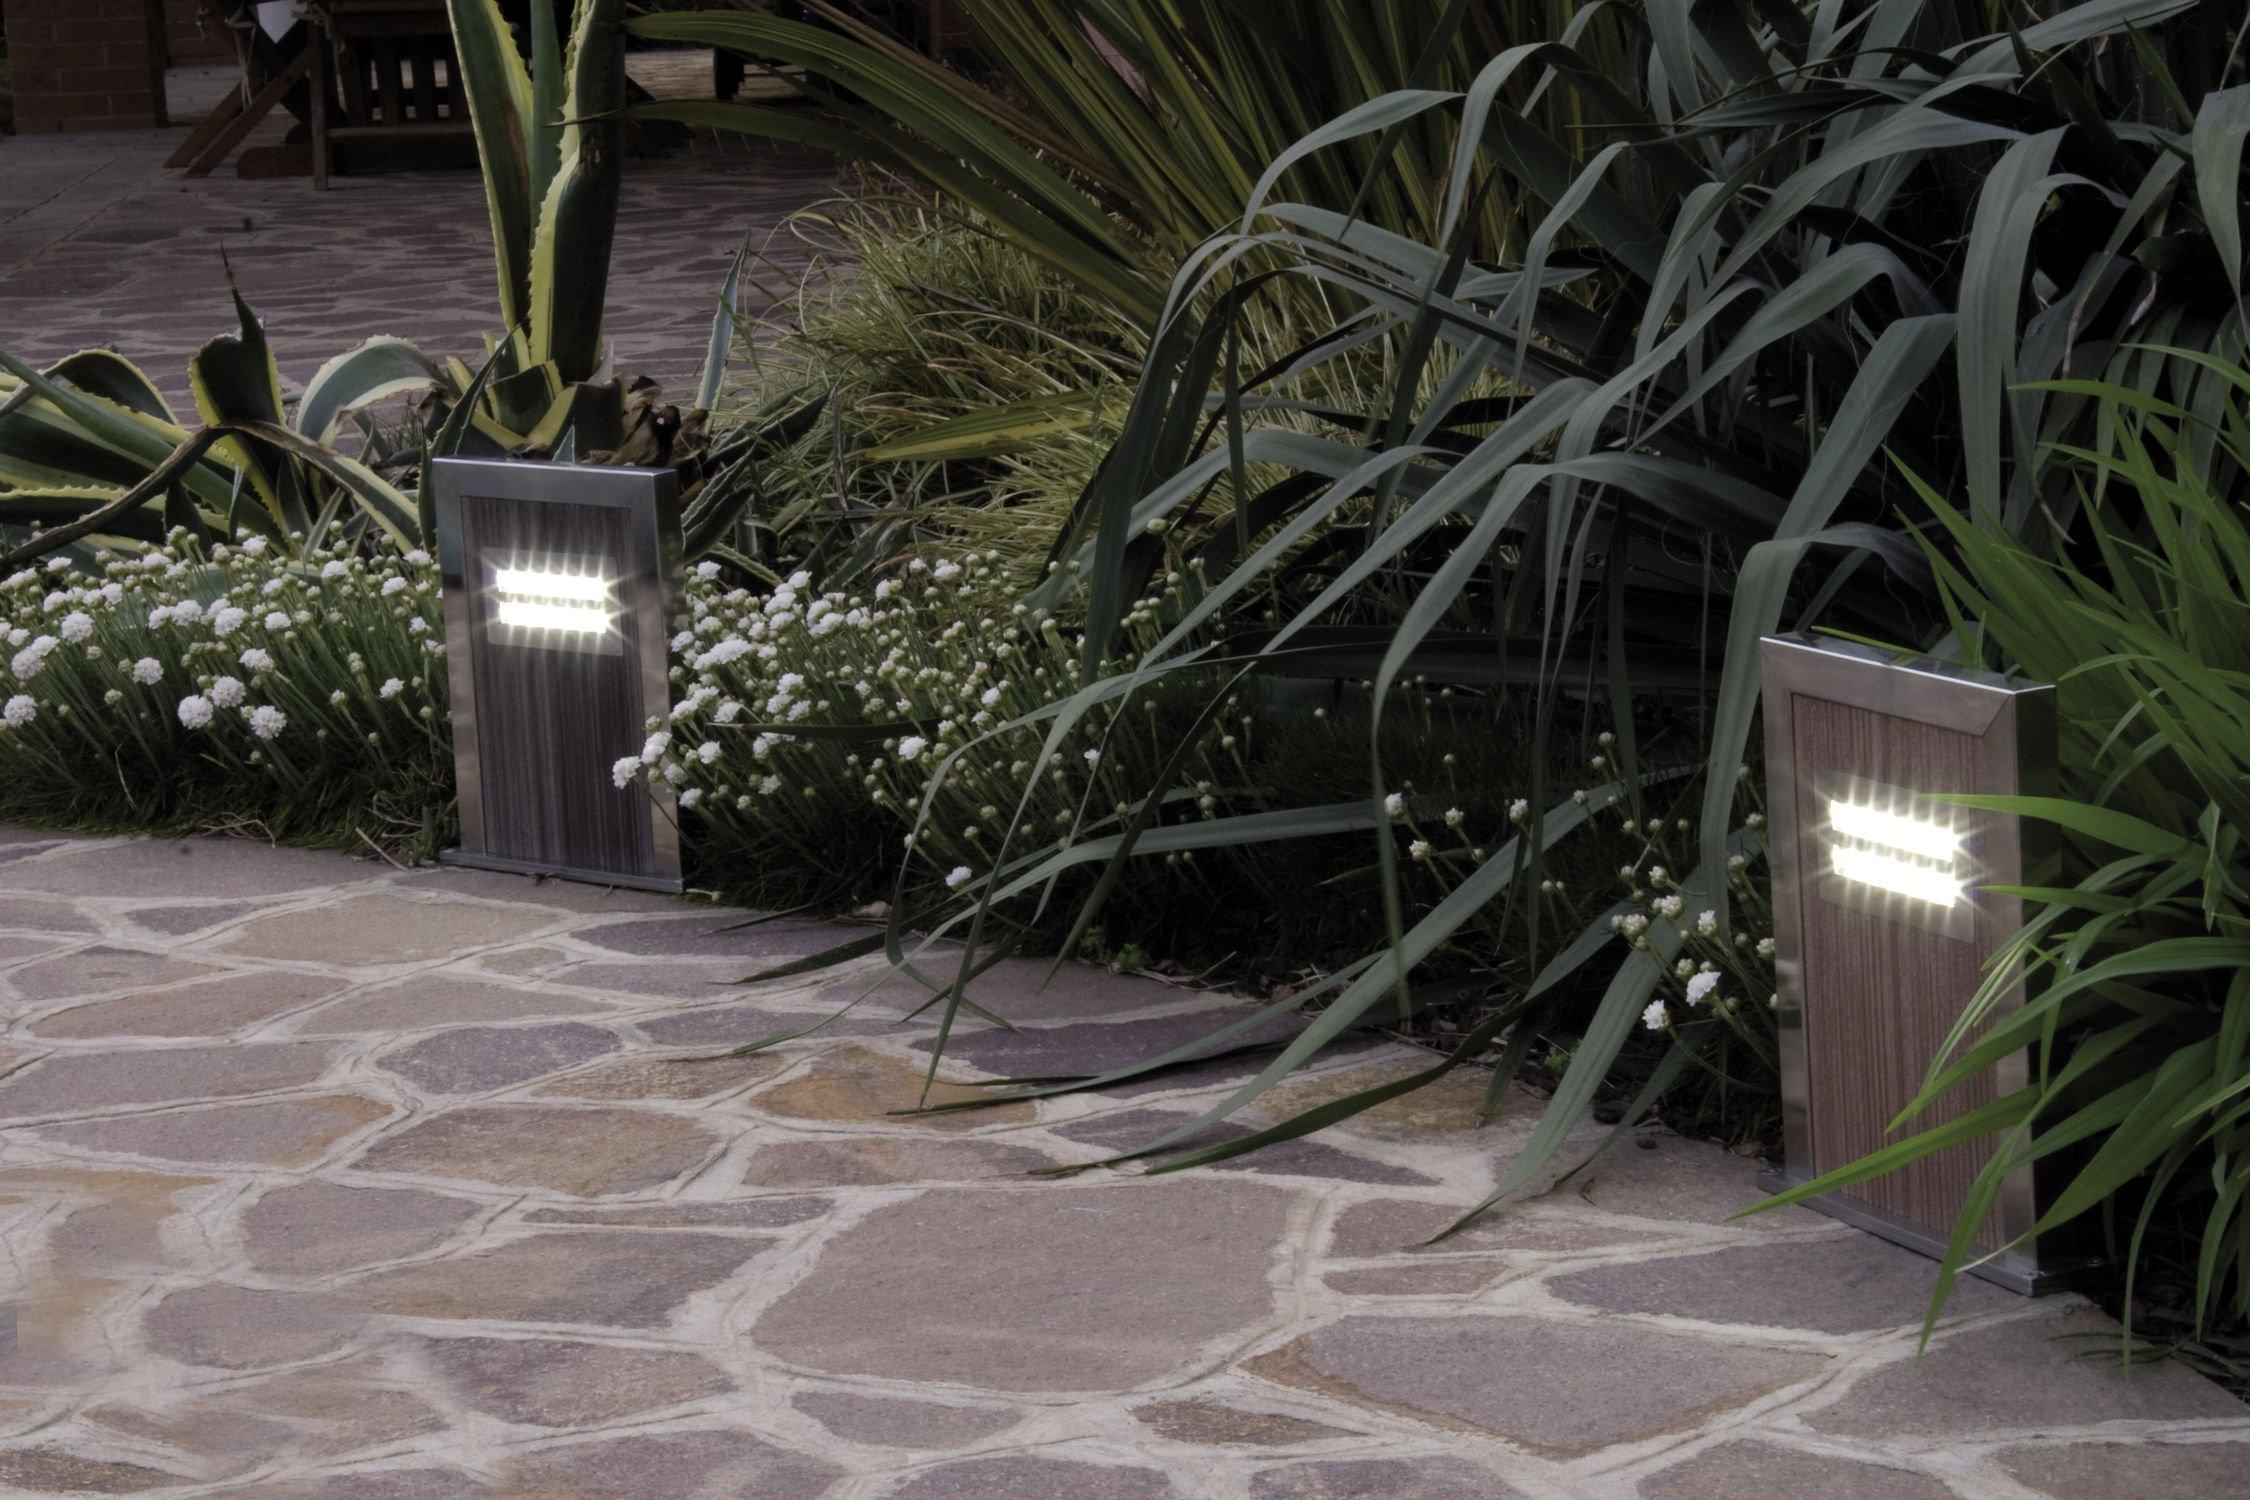 Luci ecologiche per il giardino 3 esempi interessanti for Illuminazione da giardino a led